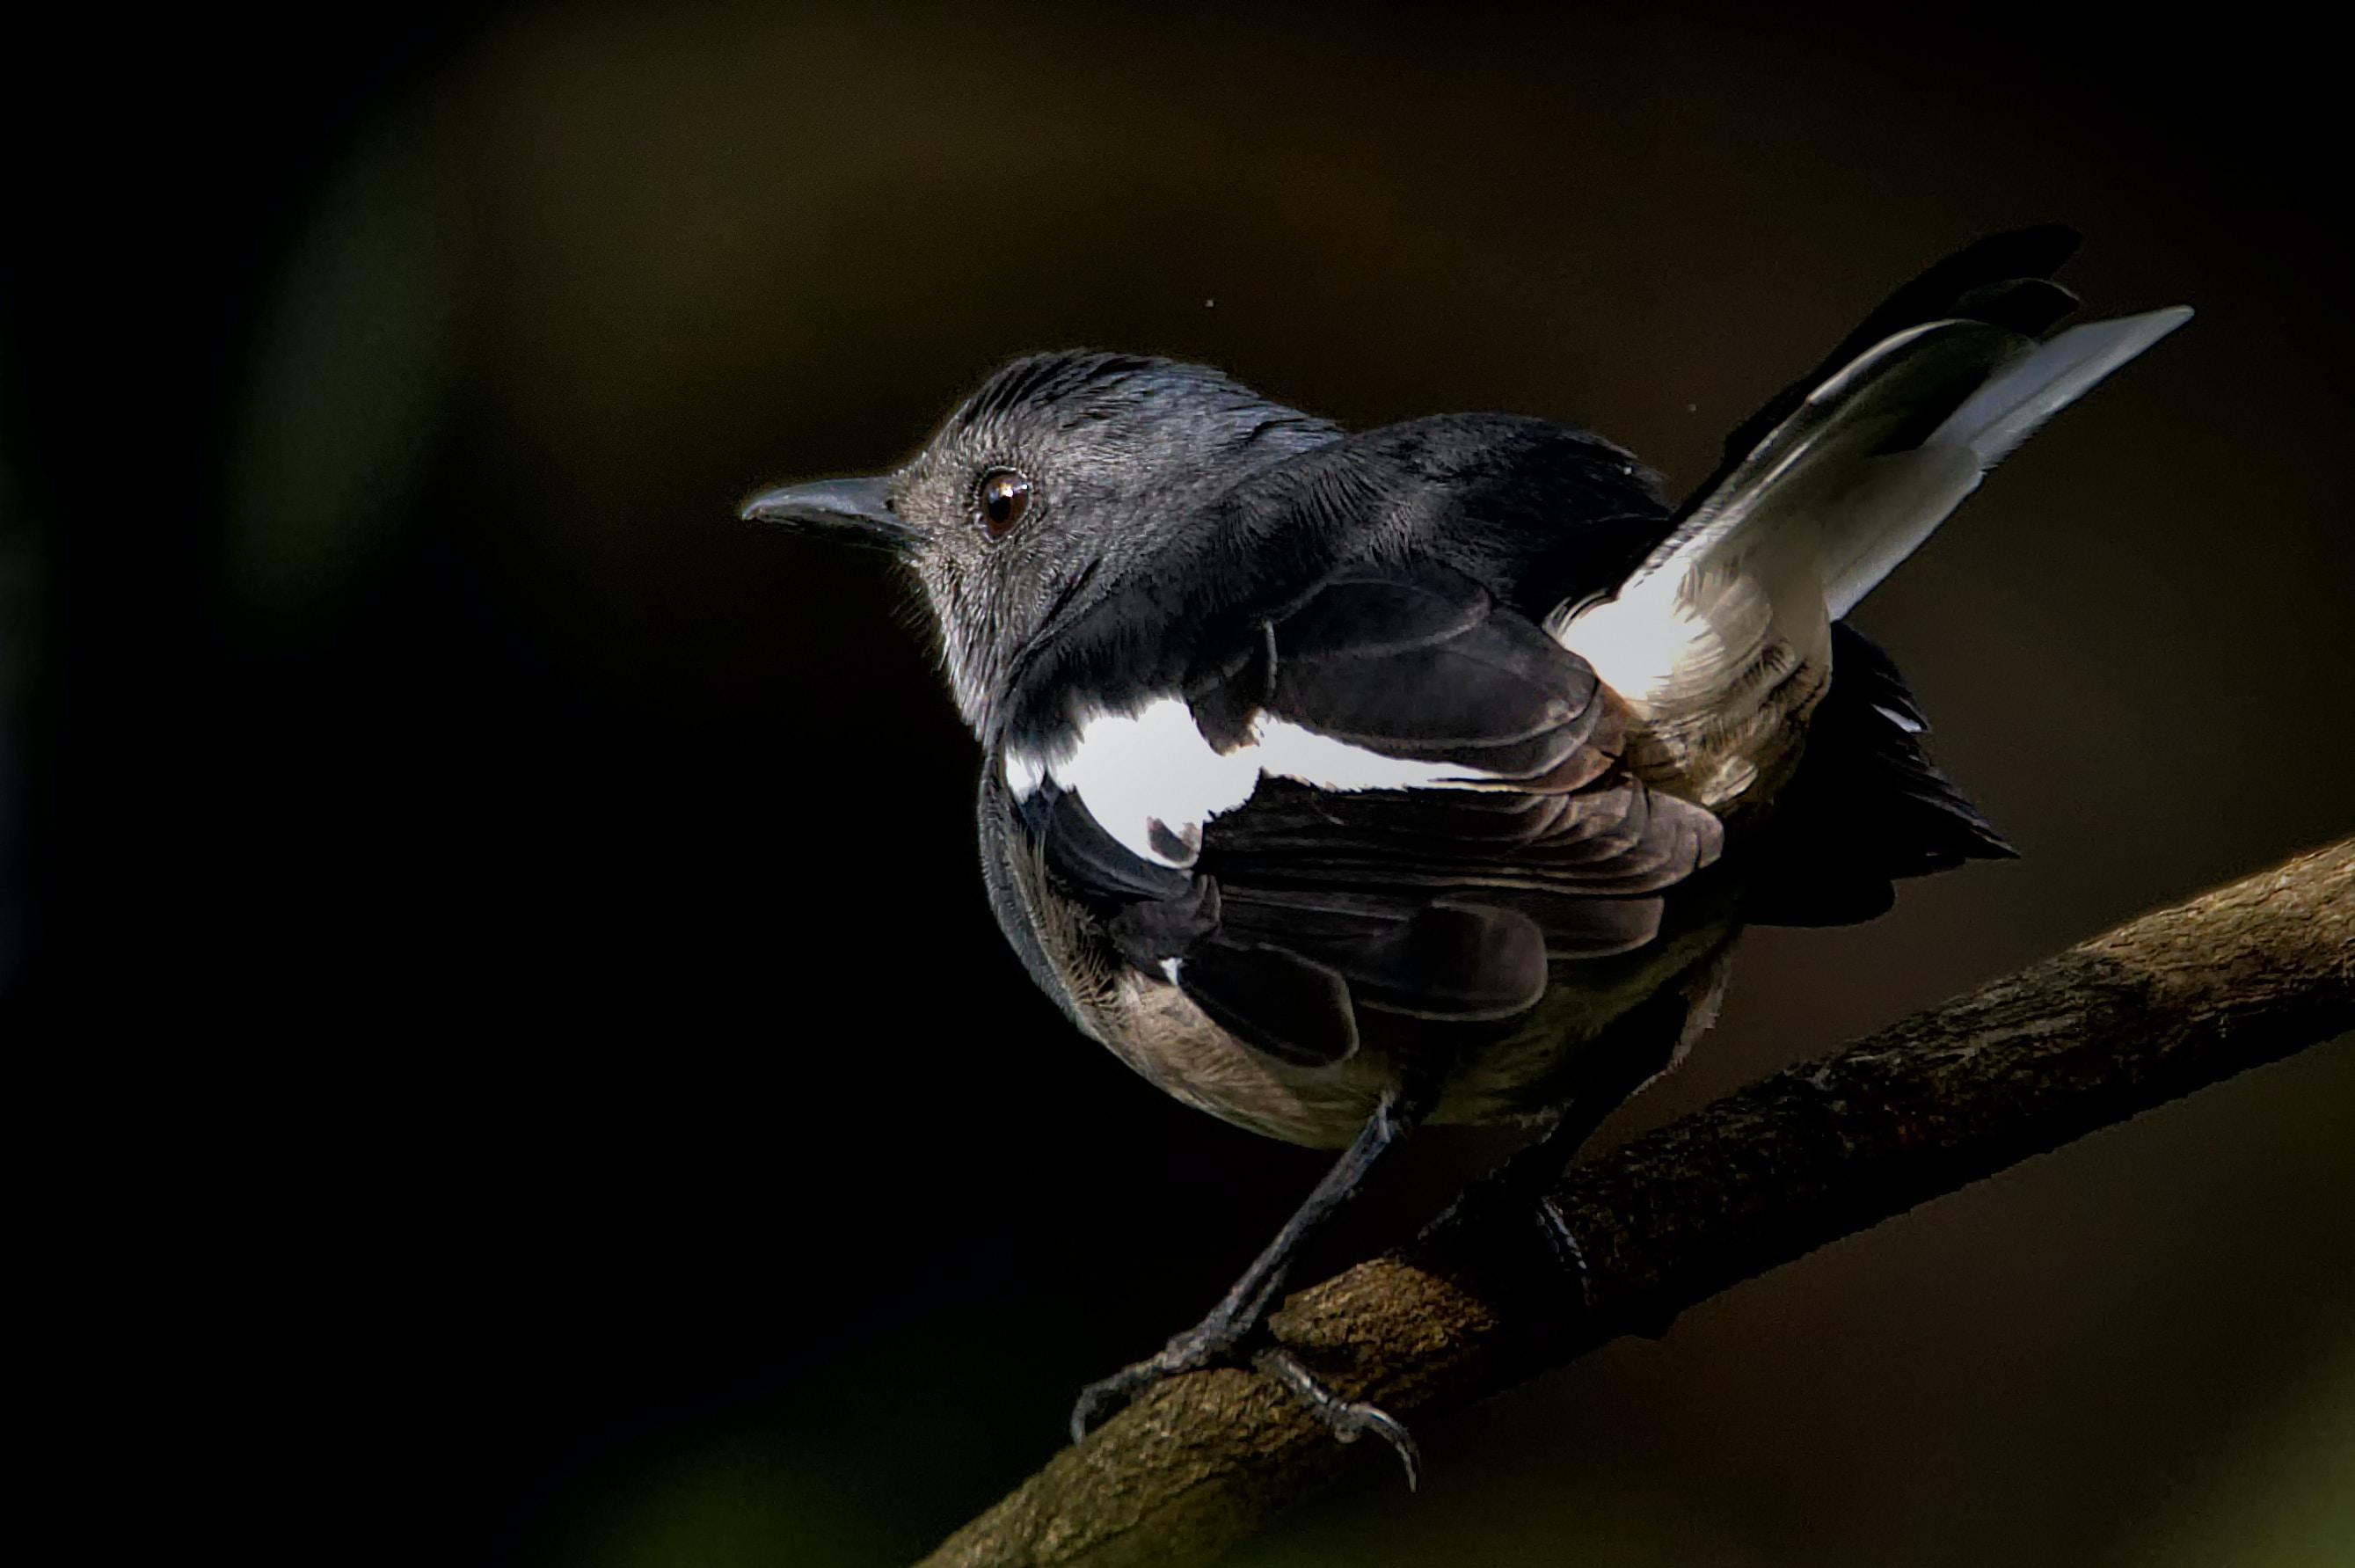 closeup photo of black bird